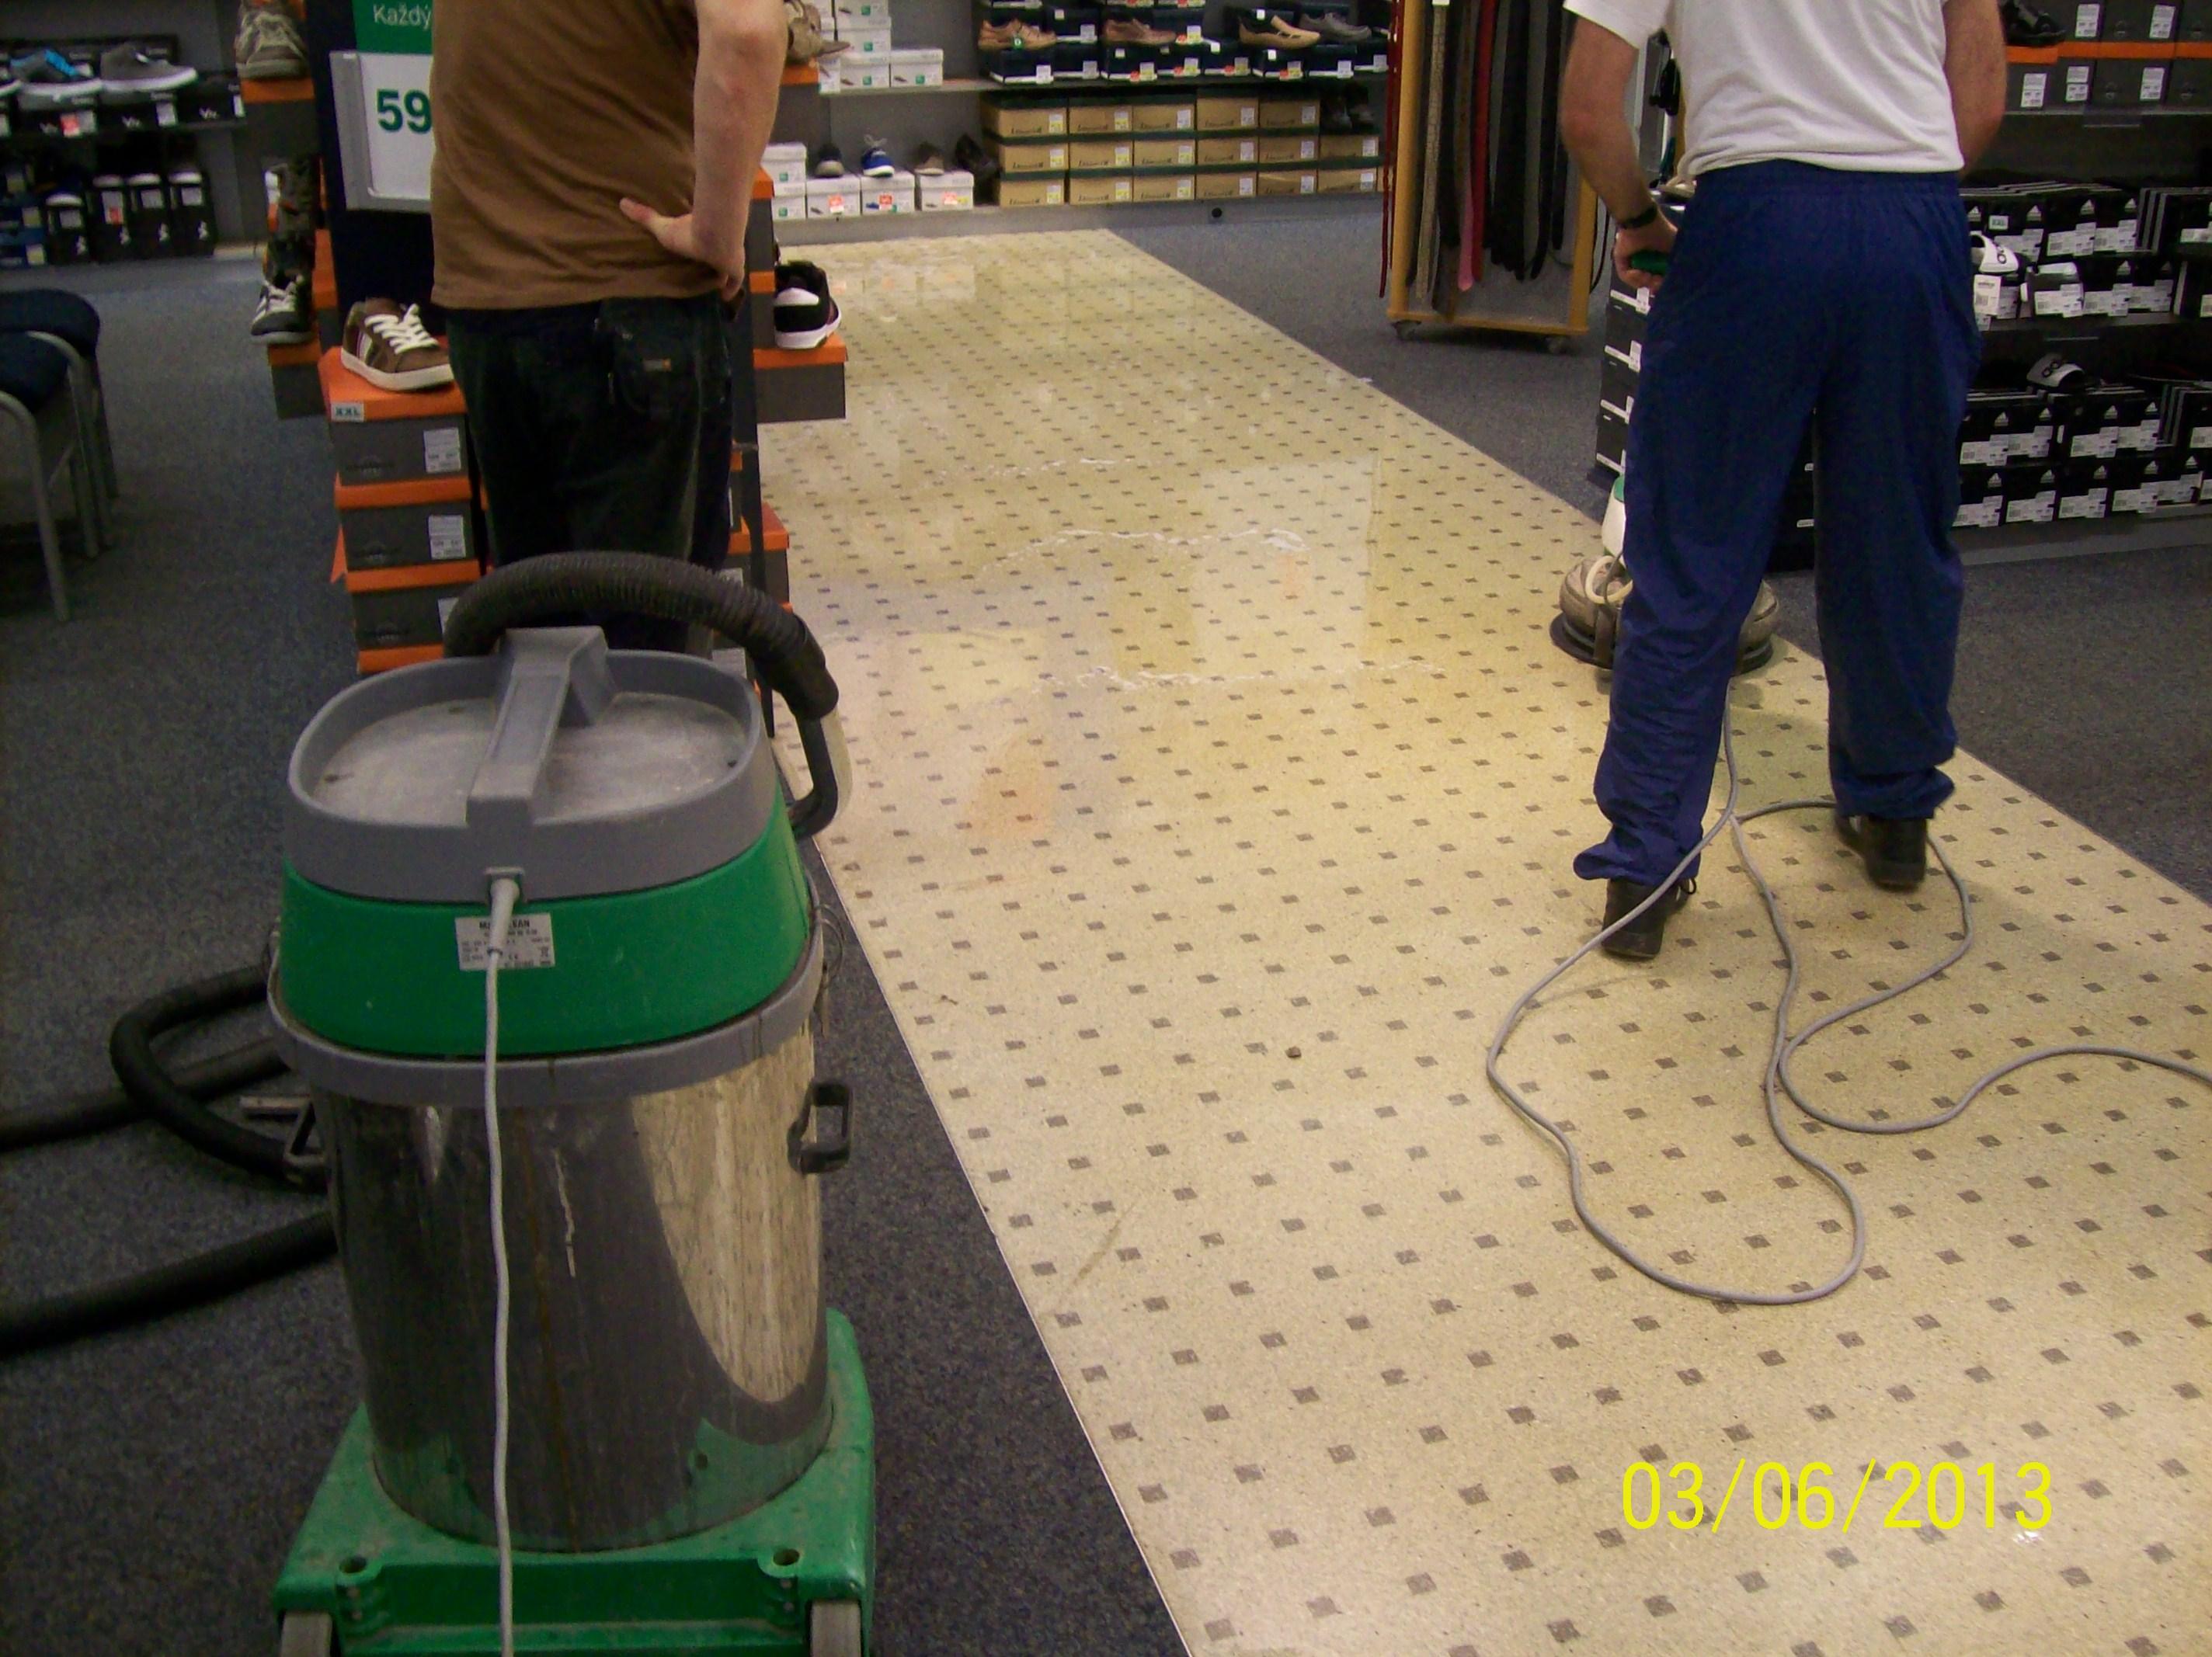 Strojové čistenie a voskovanie podláh Zvolen